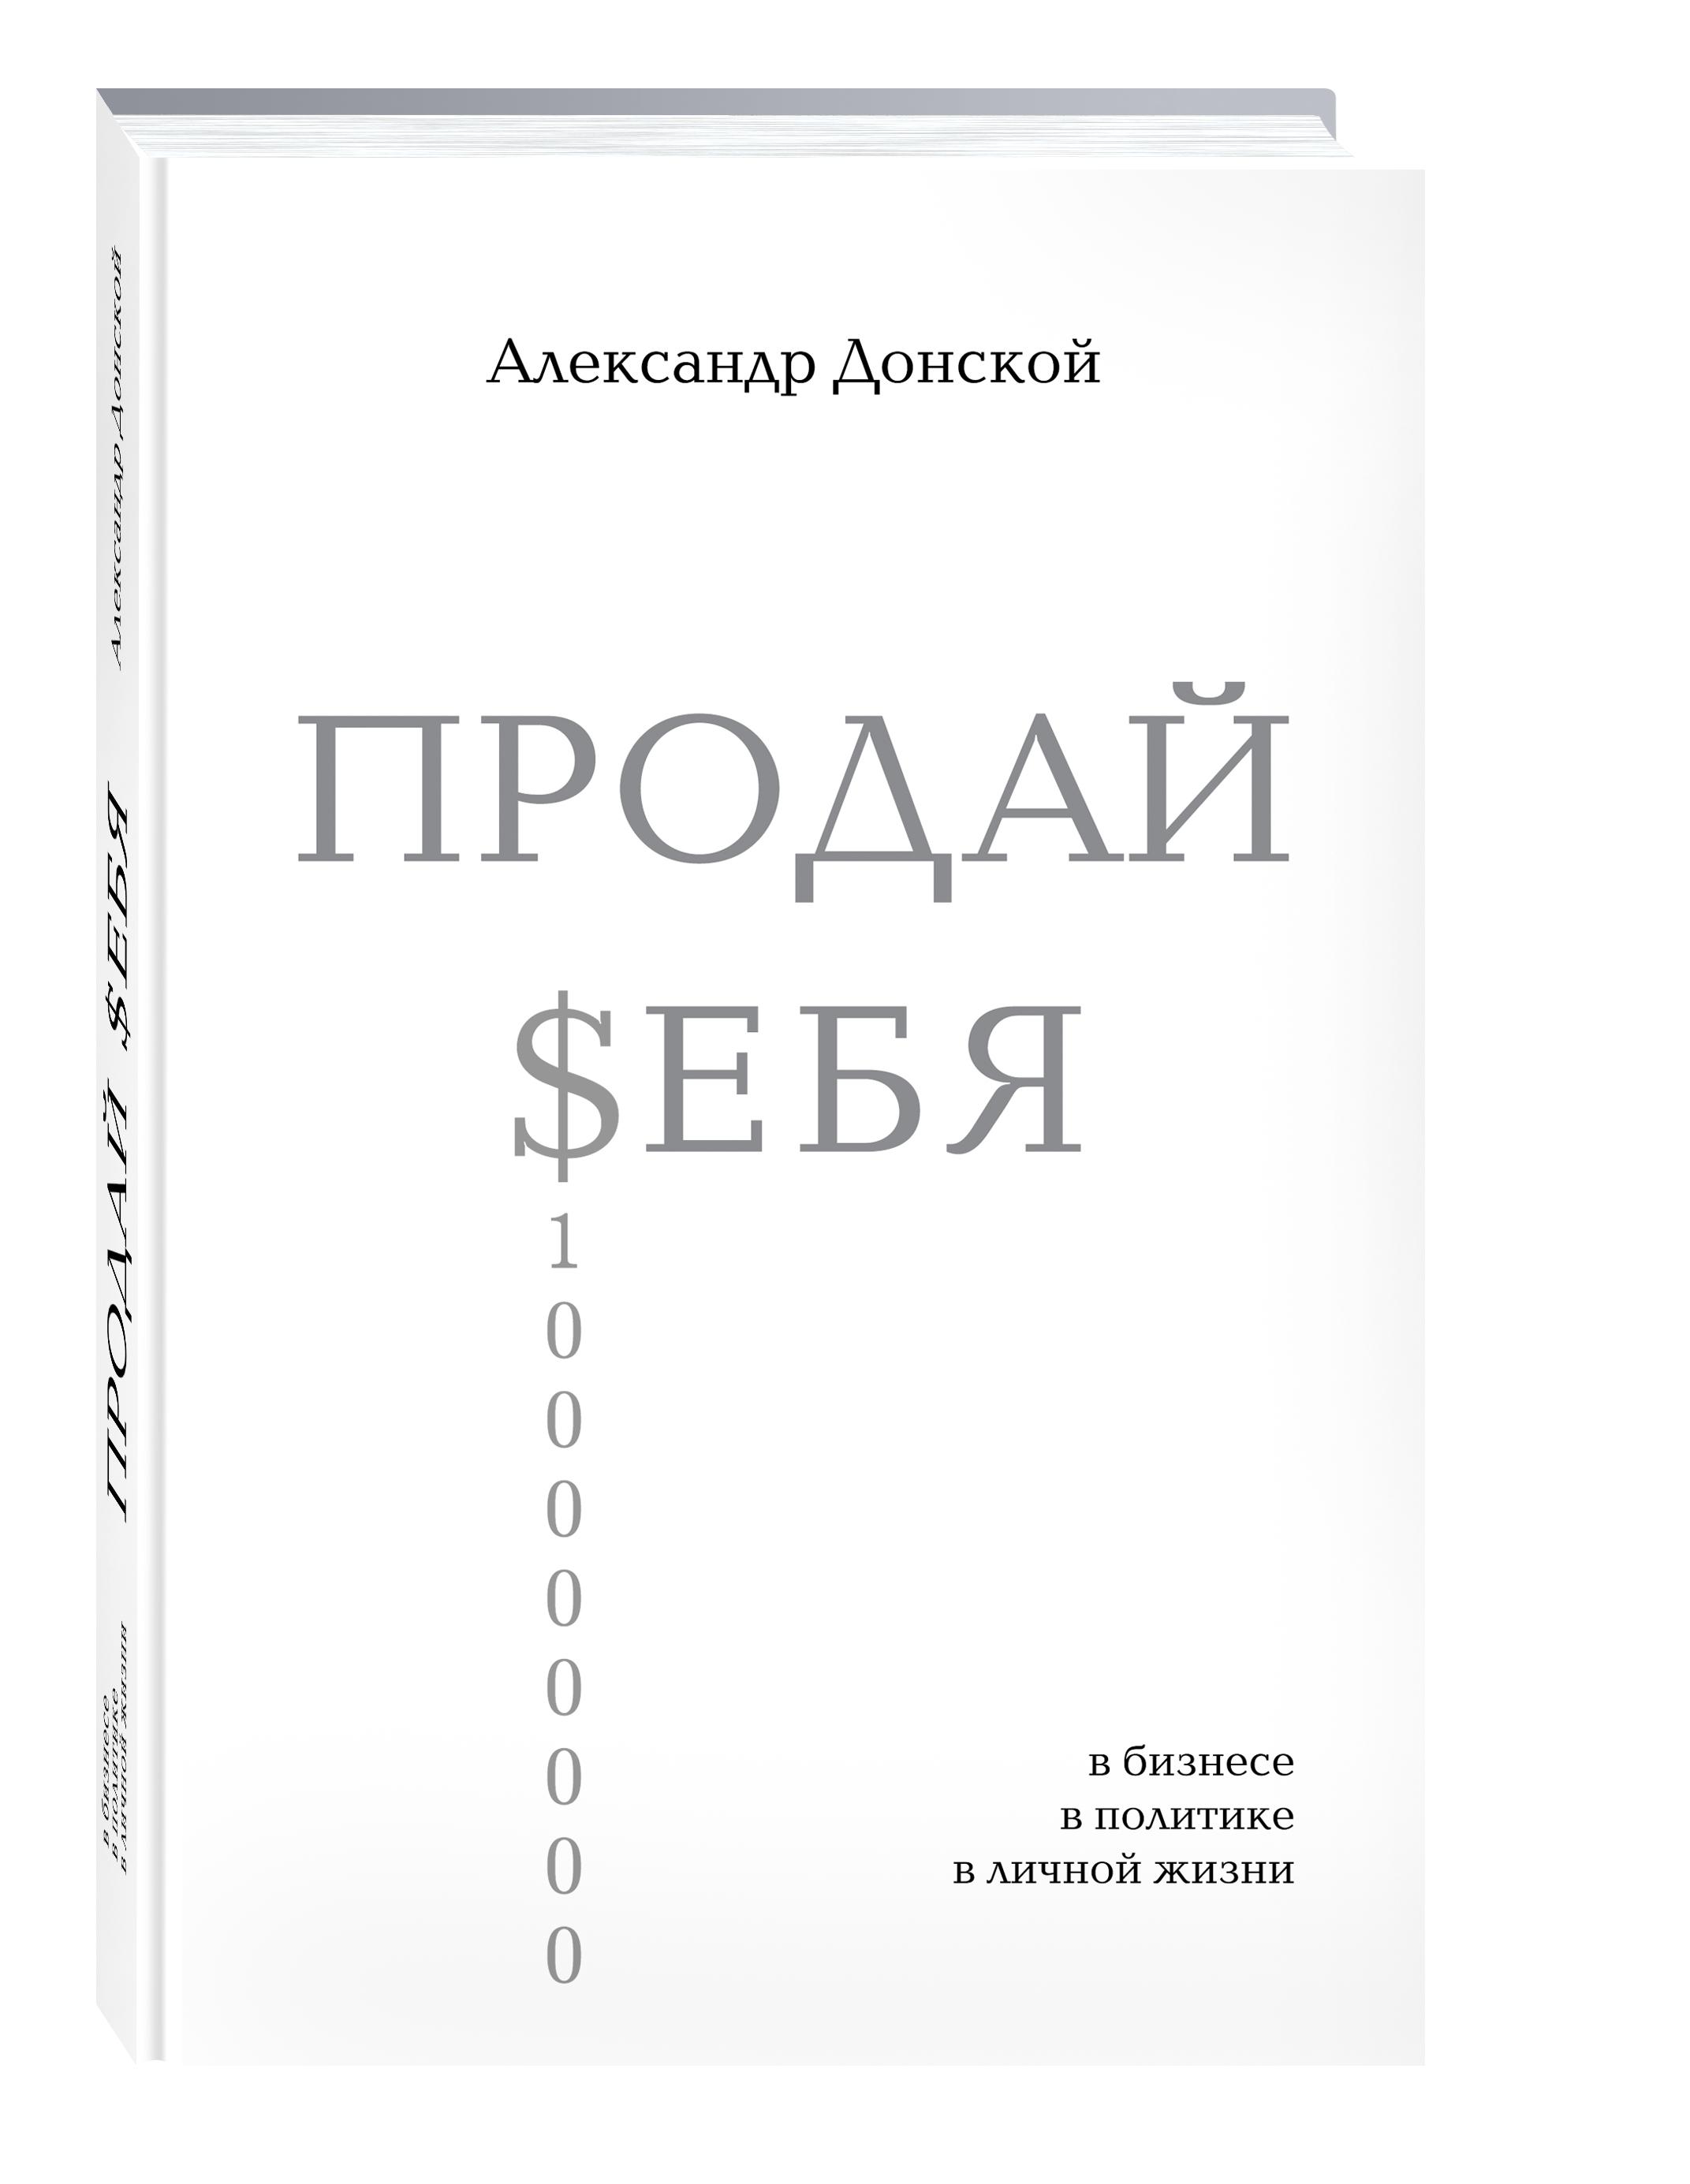 ПРОДАЙ $ЕБЯ: в бизнесе, в политике, в личной жизни от book24.ru